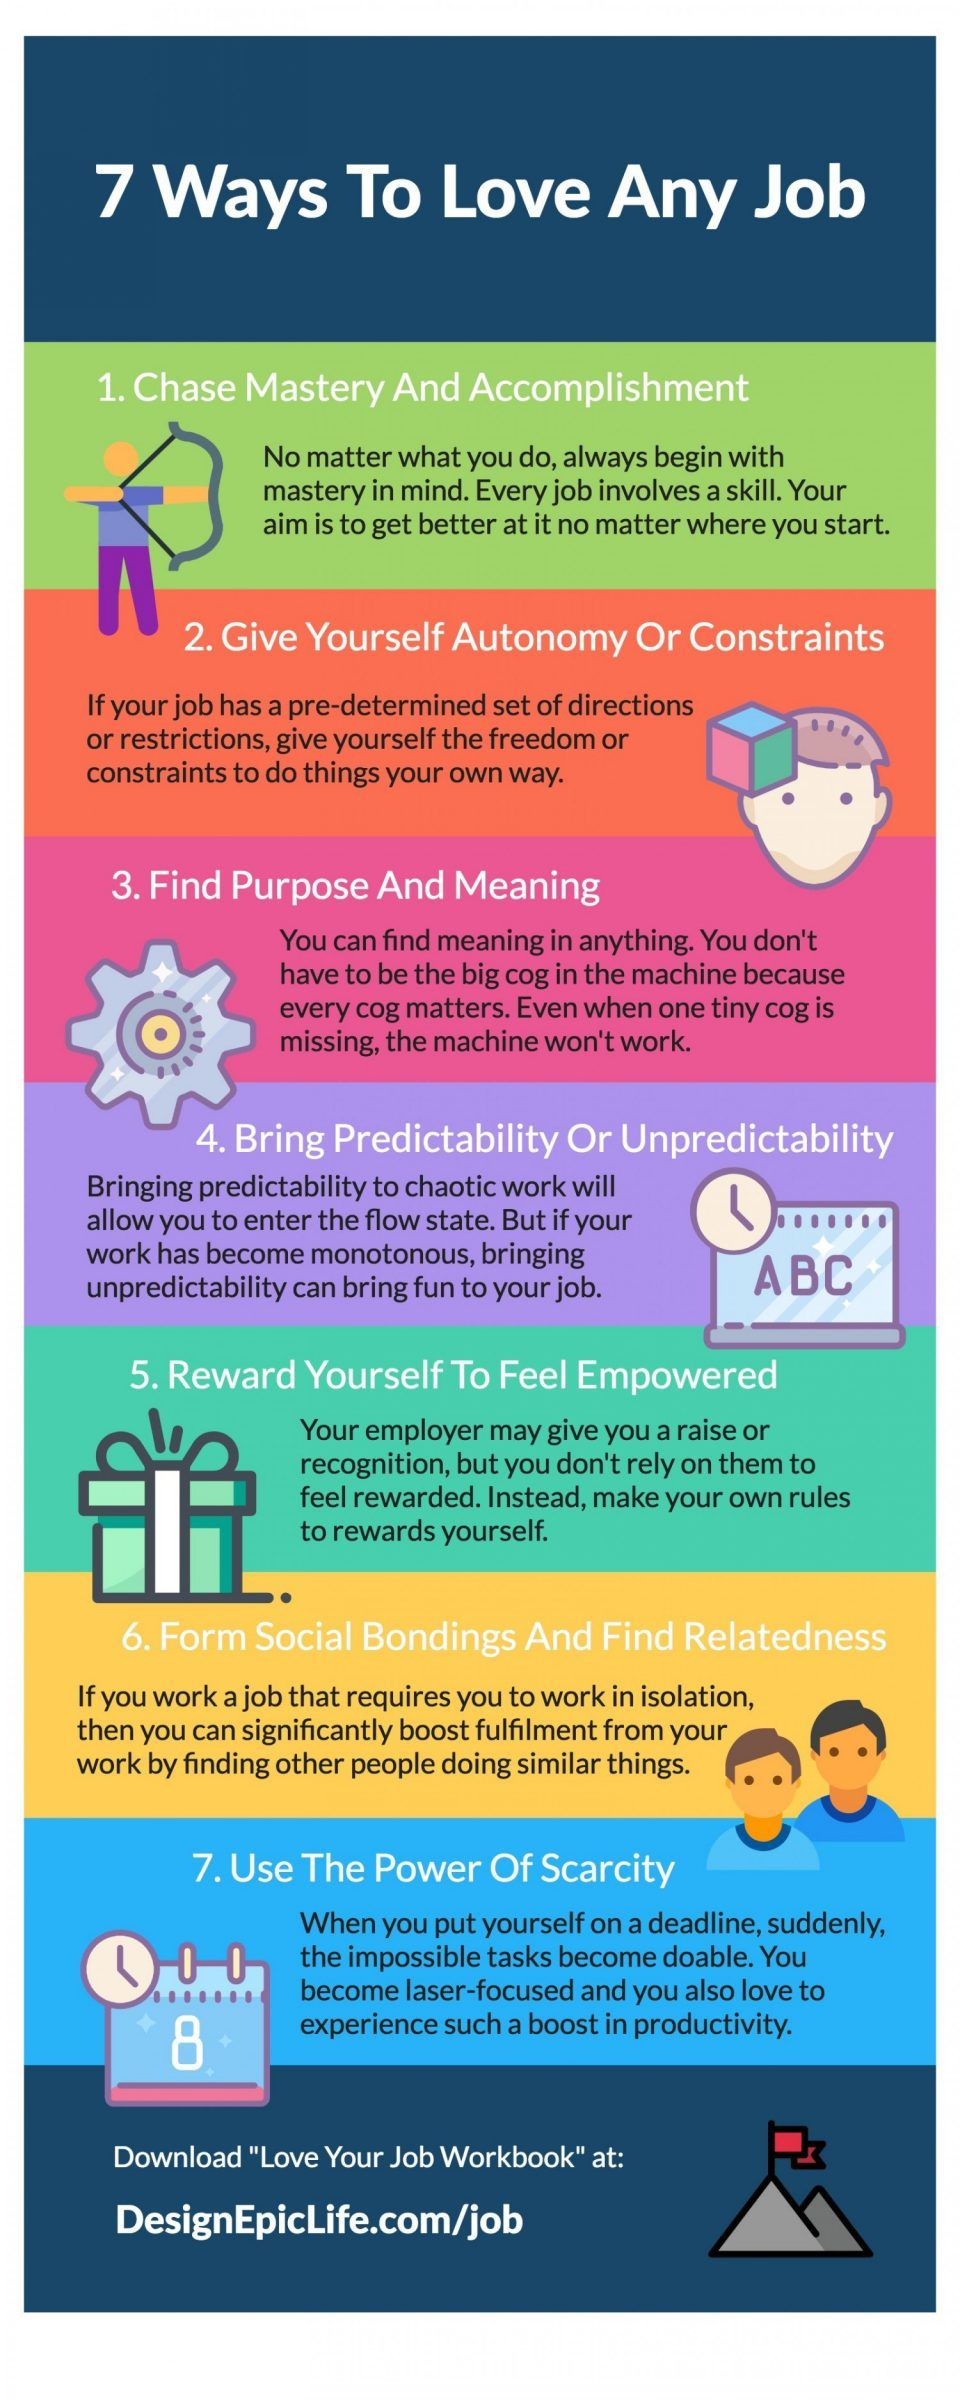 7 Ways To Love Any Job